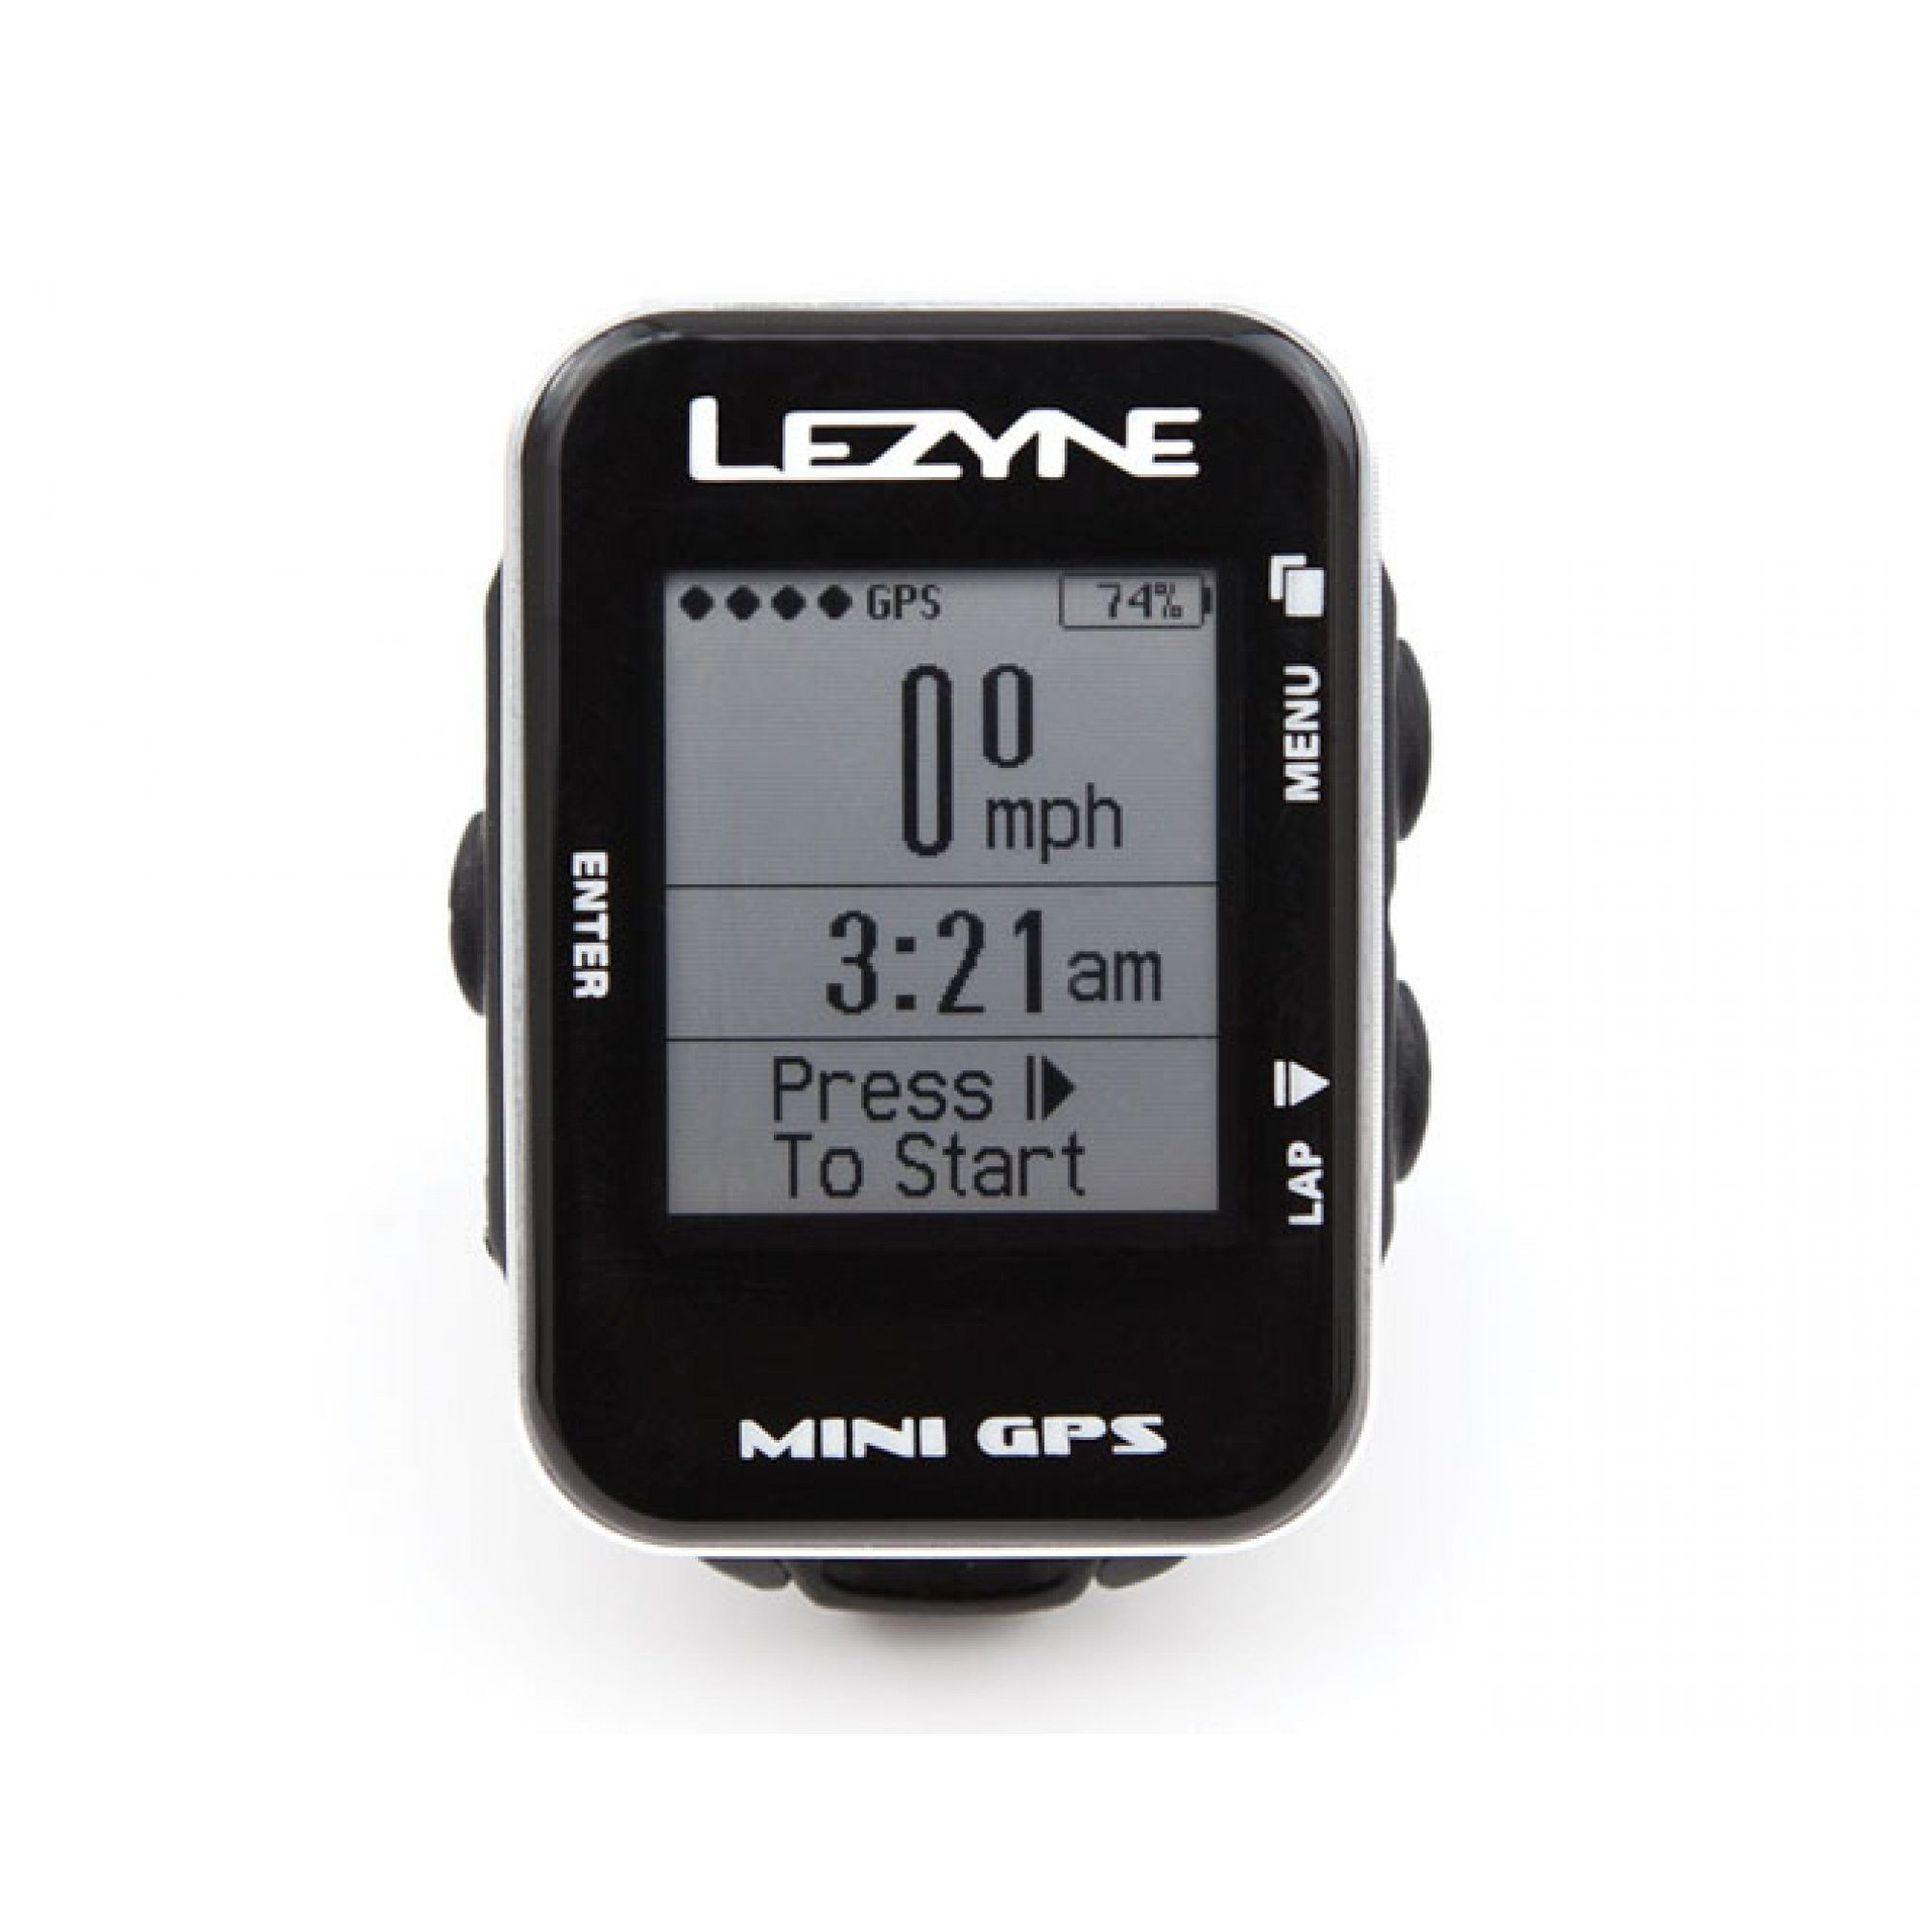 LICZNIK ROWEROWY LEZYNE MINI GPS CZARNY 1